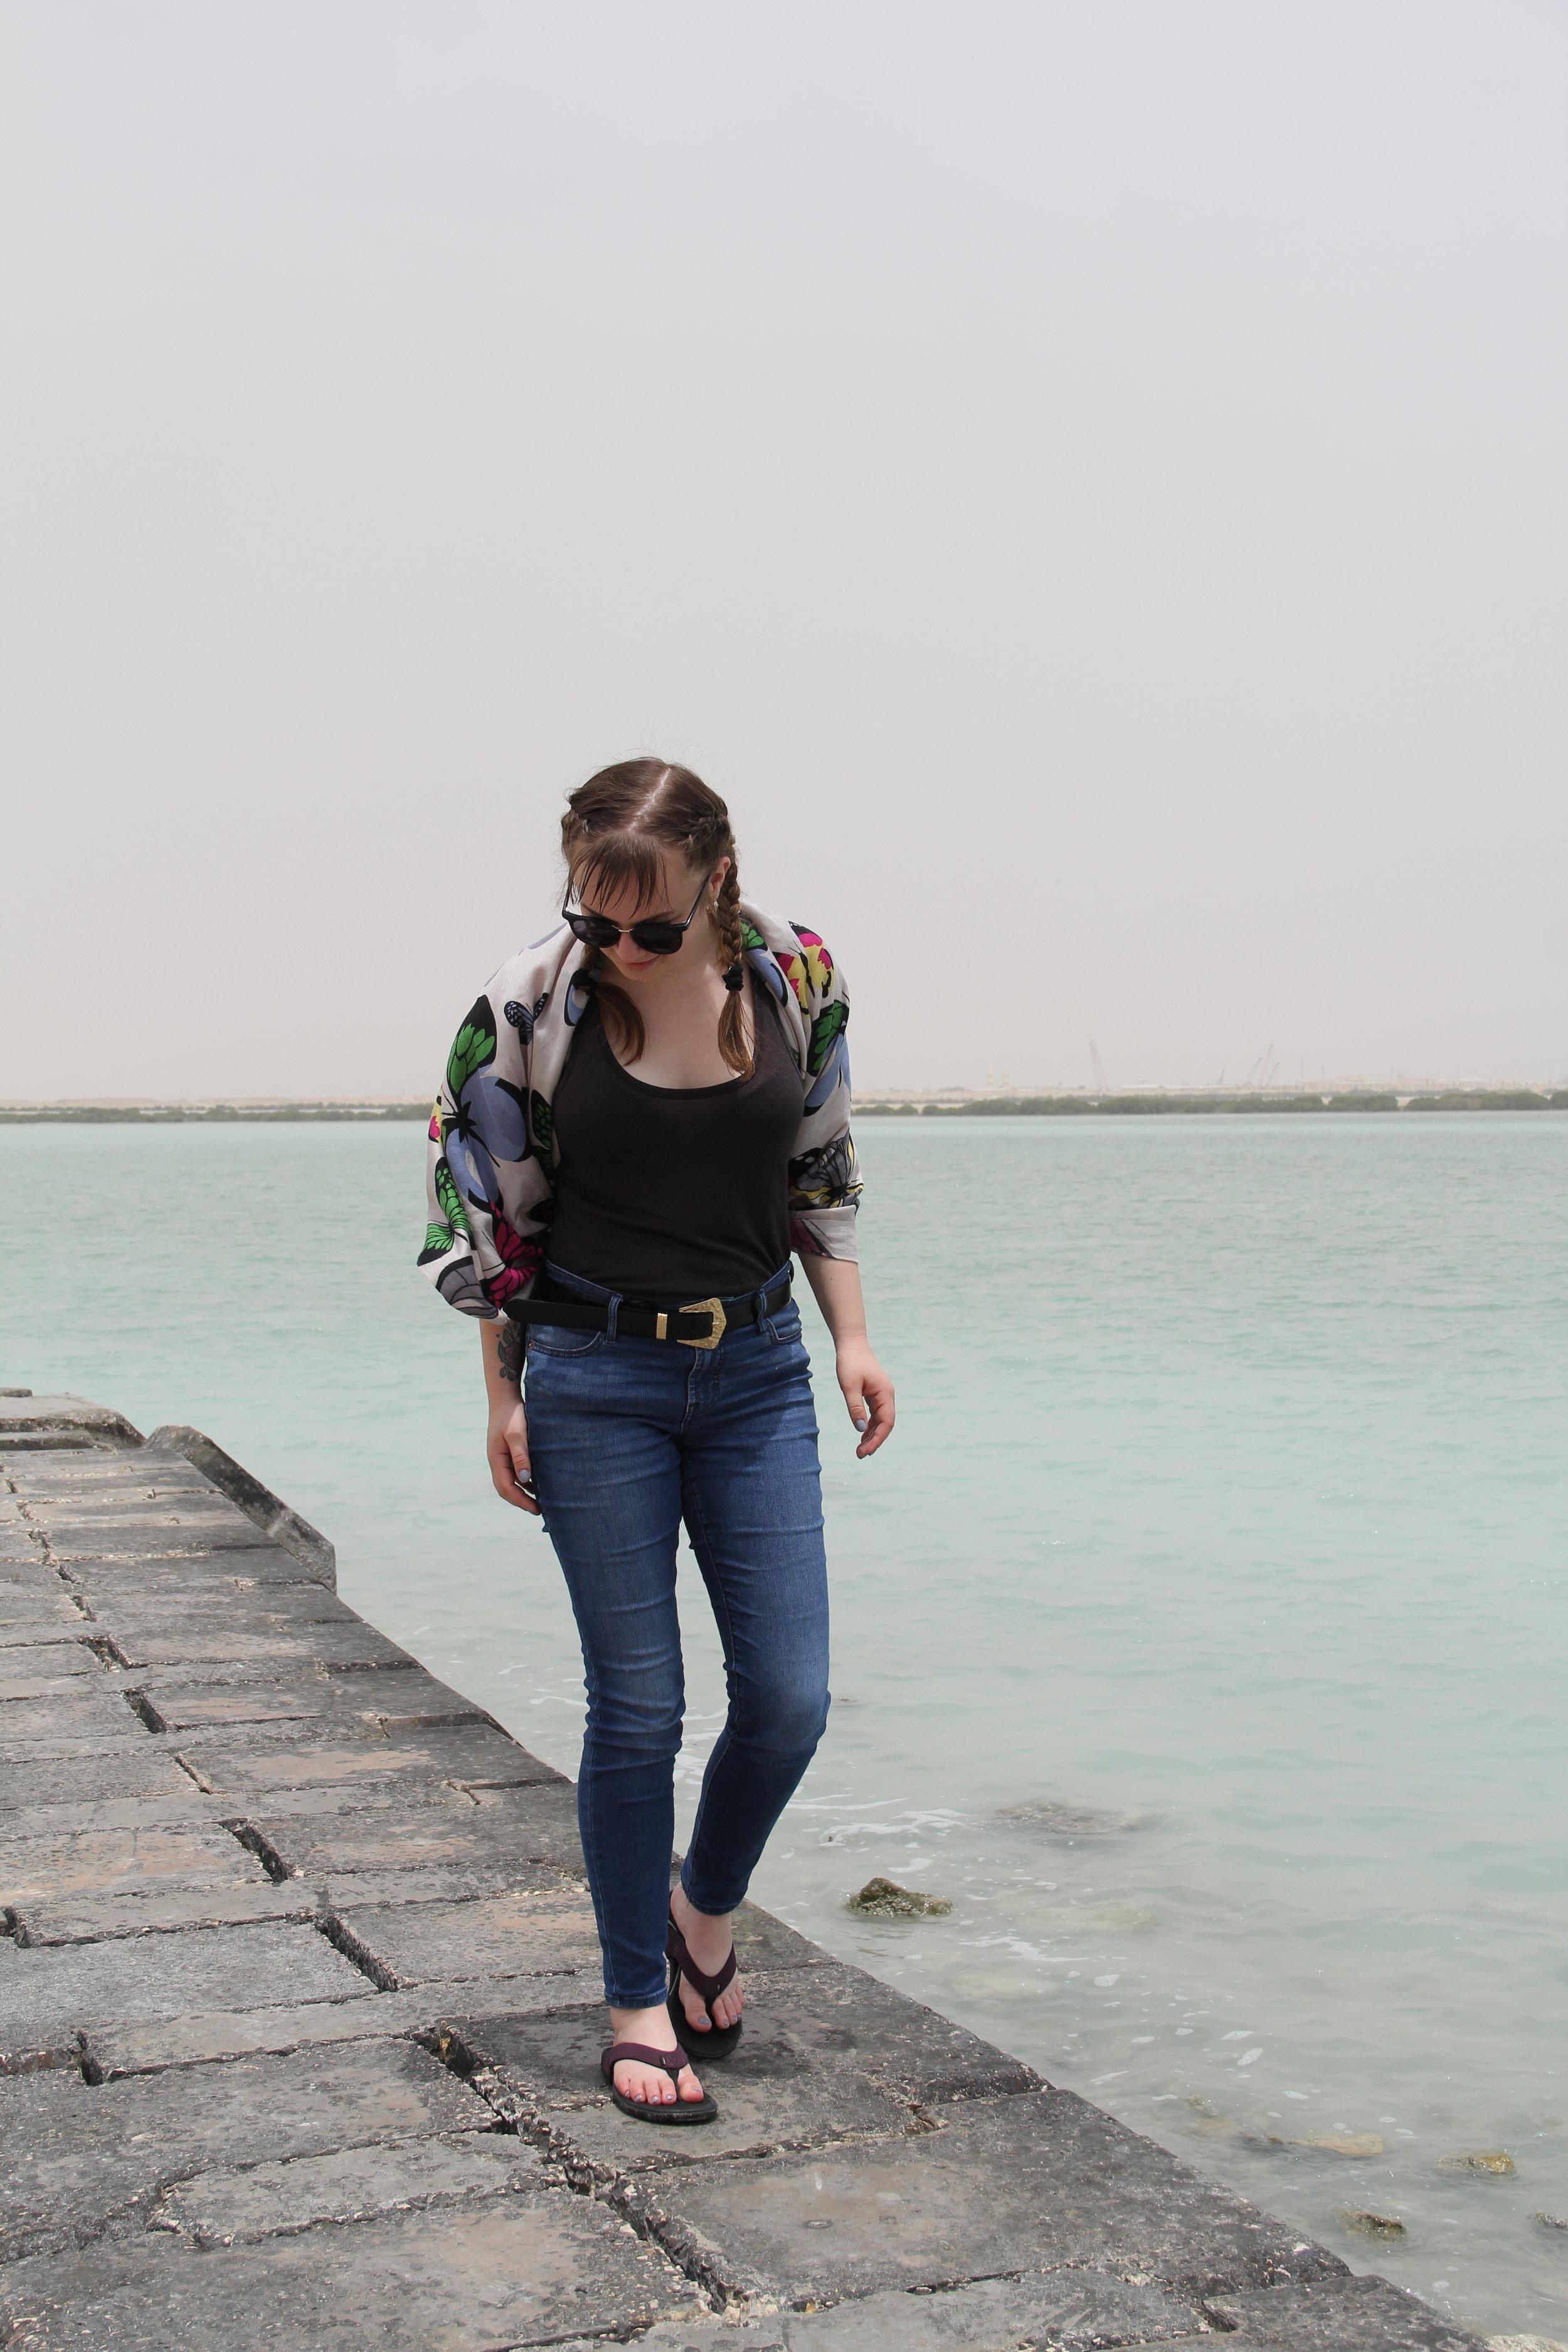 Where are the Crabs? Al Corniche, Al-Khor, Qatar.